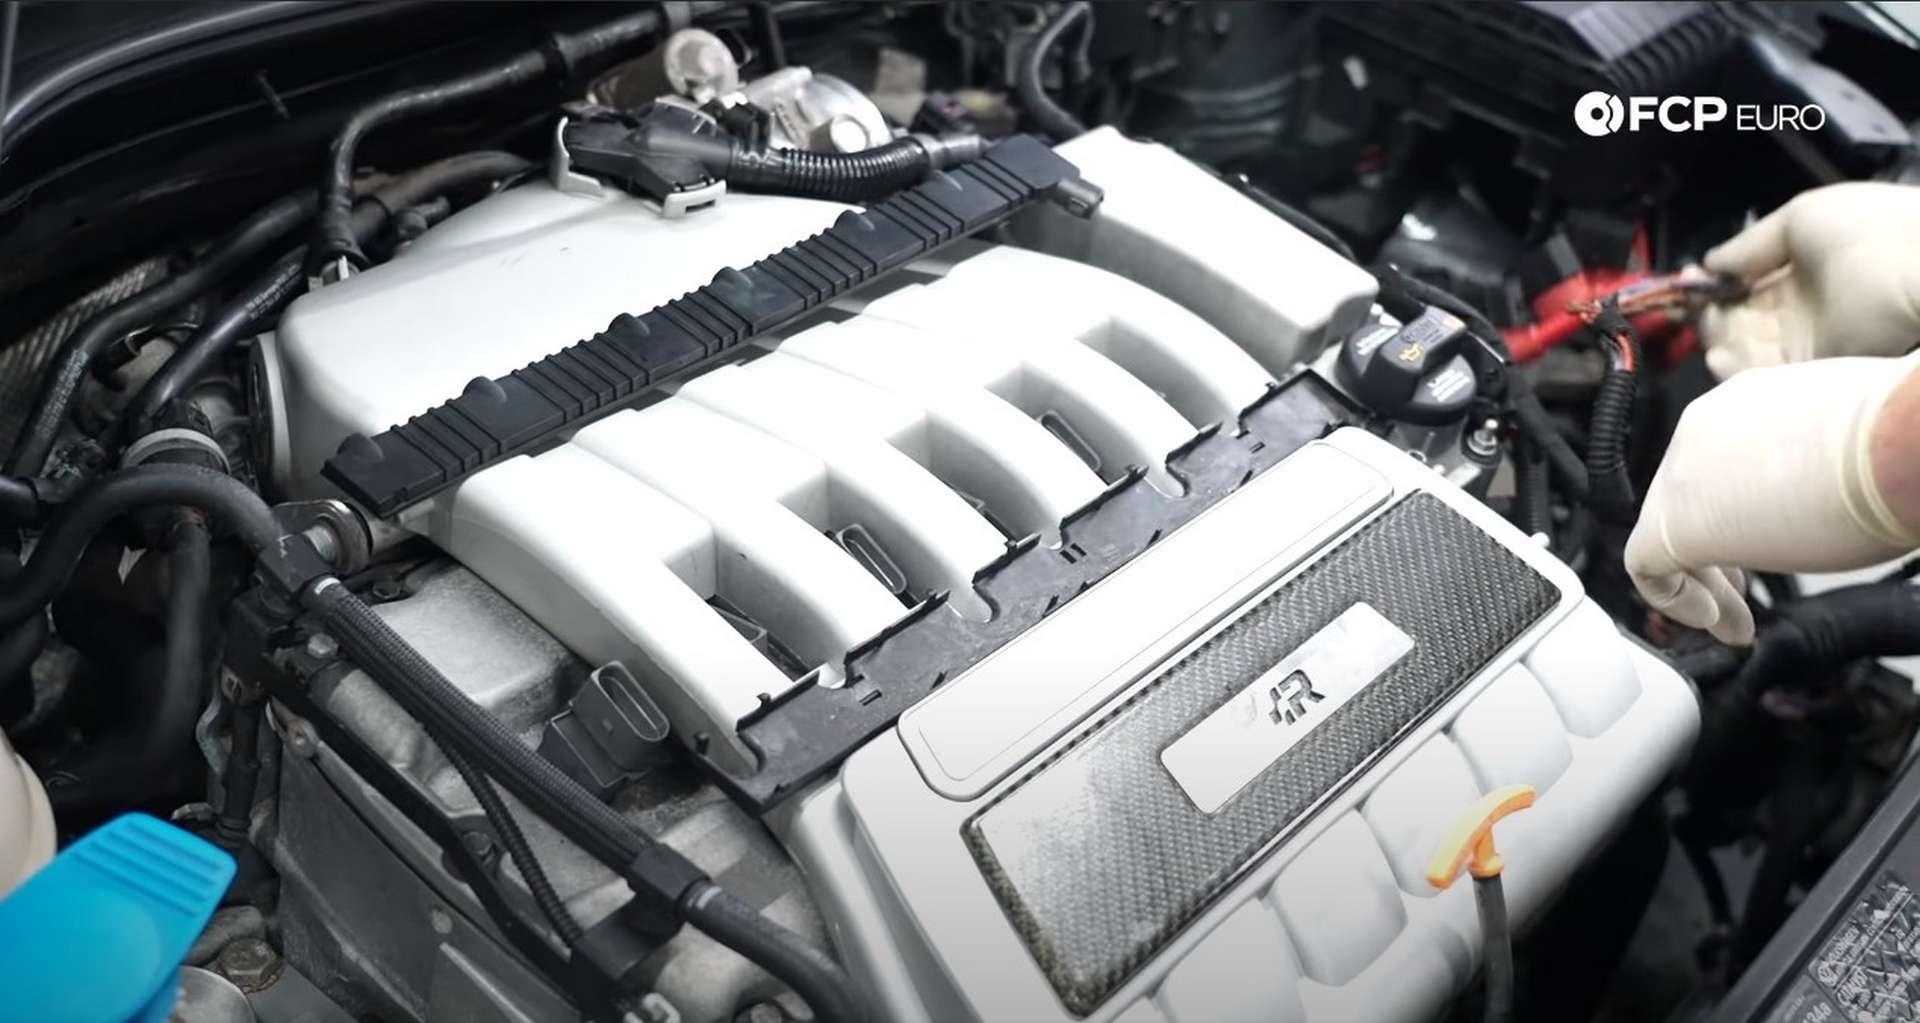 24-DIY-VW-VR6-Valve-Cover-Gasket-Clearing-Engine